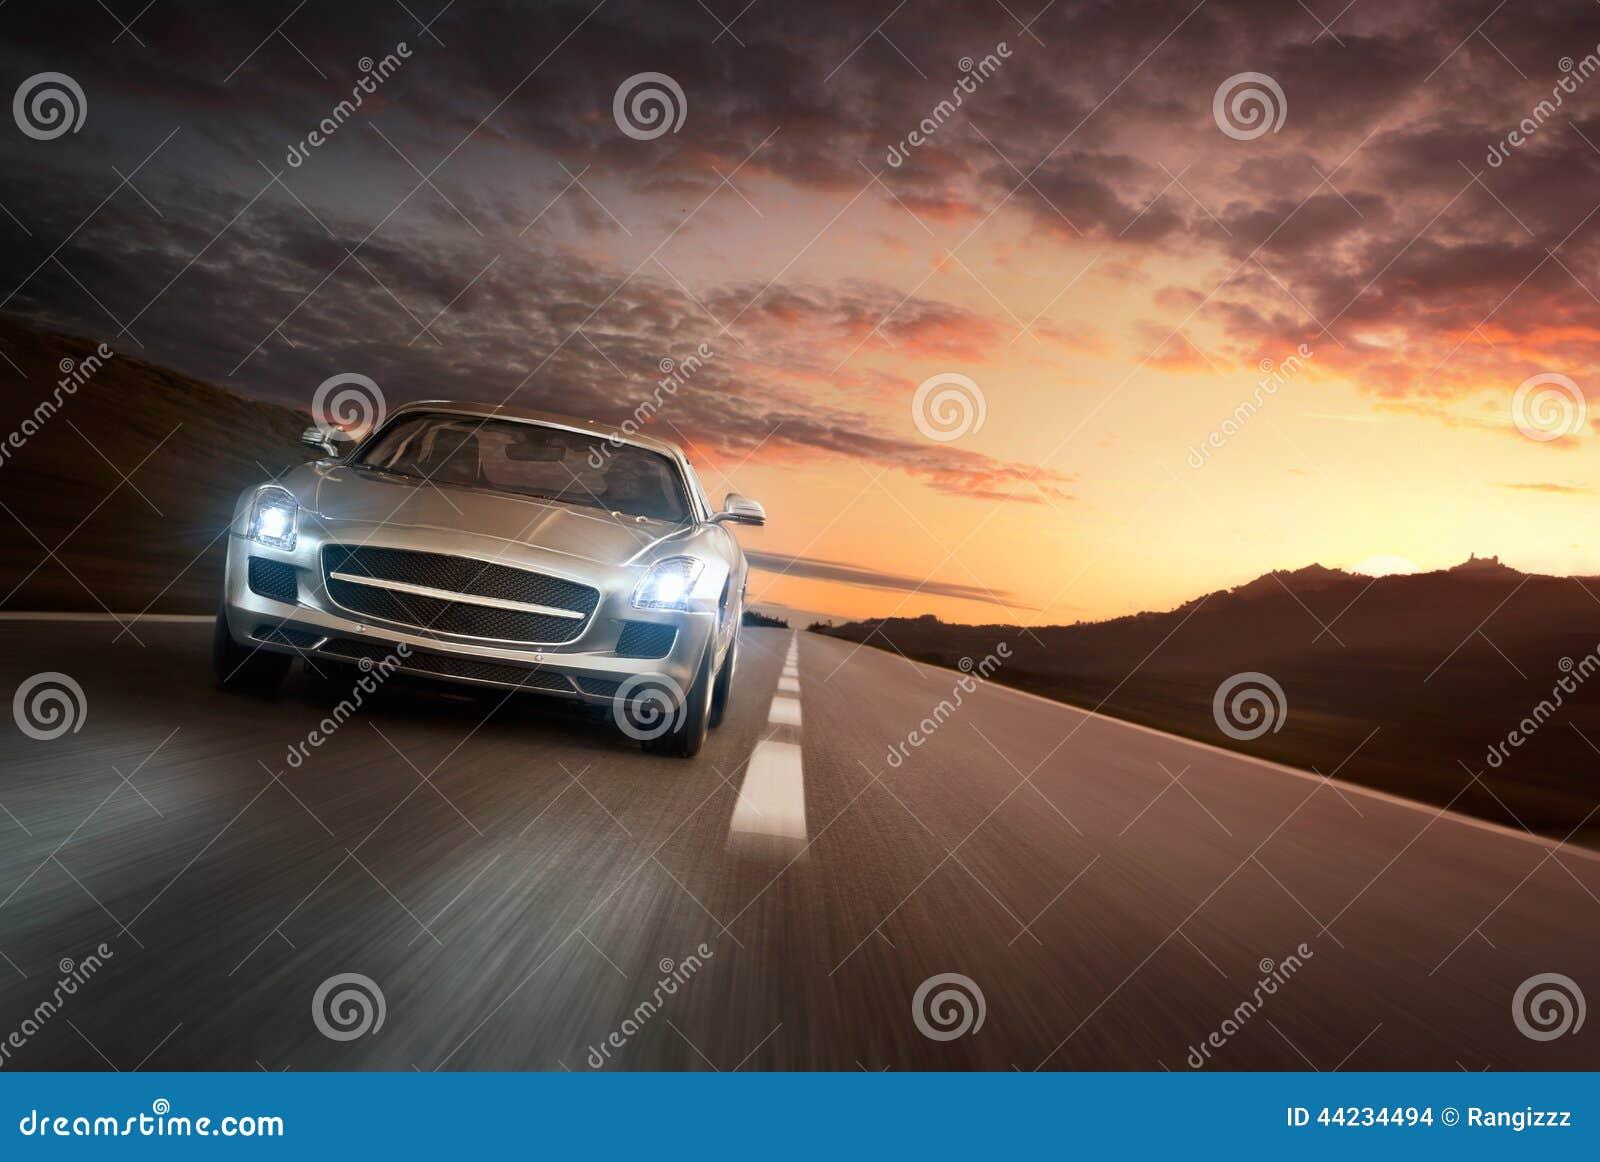 Biljeeplyx av vägen